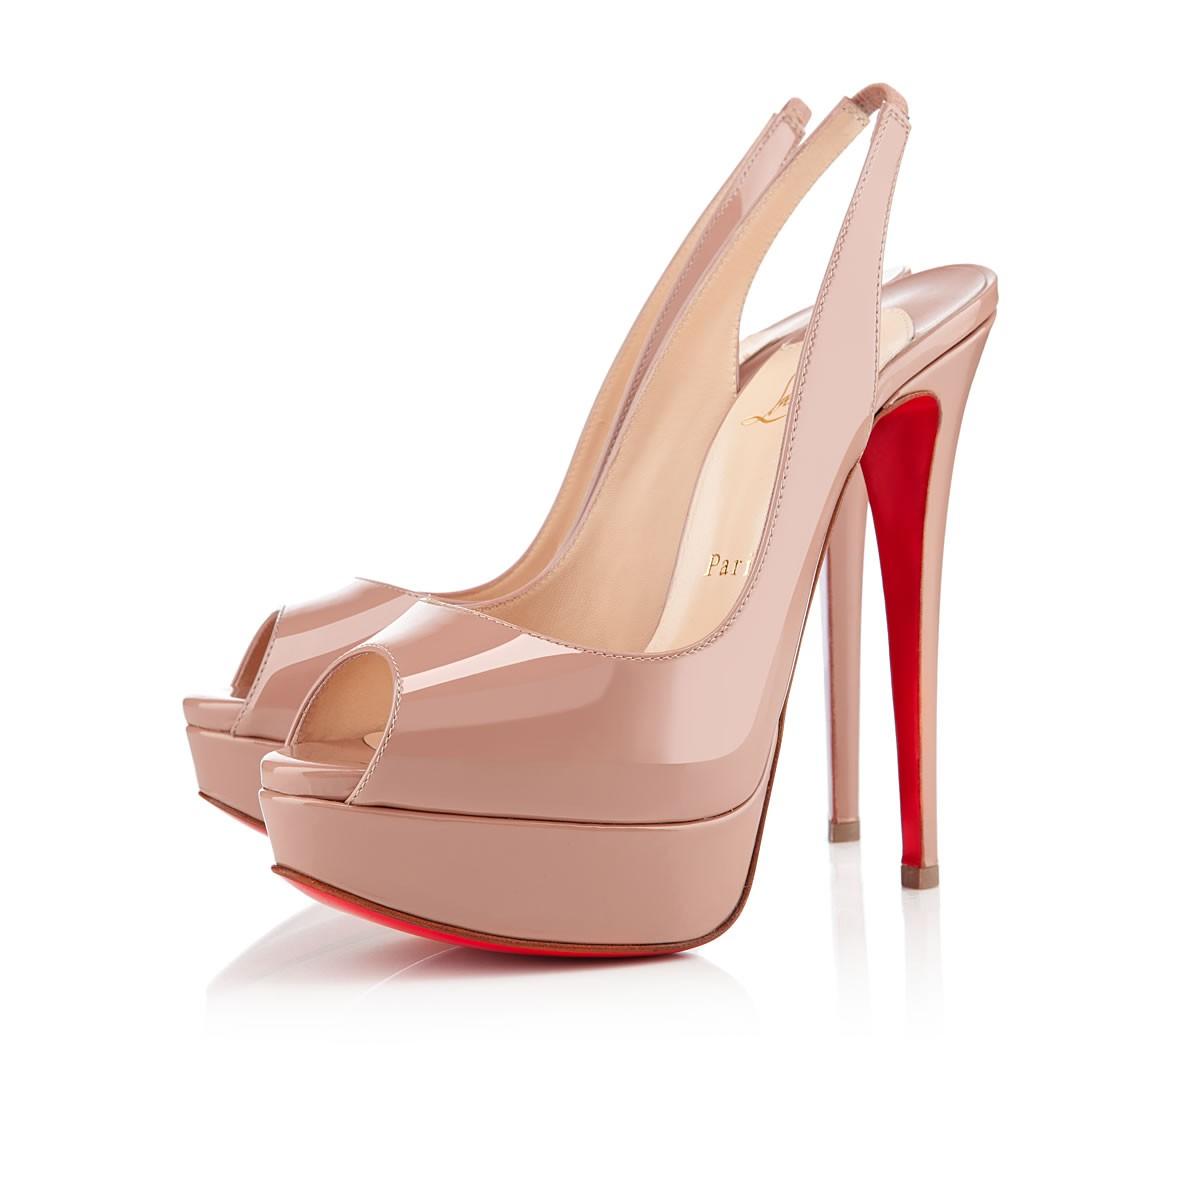 Best Heeled Shoe Brands